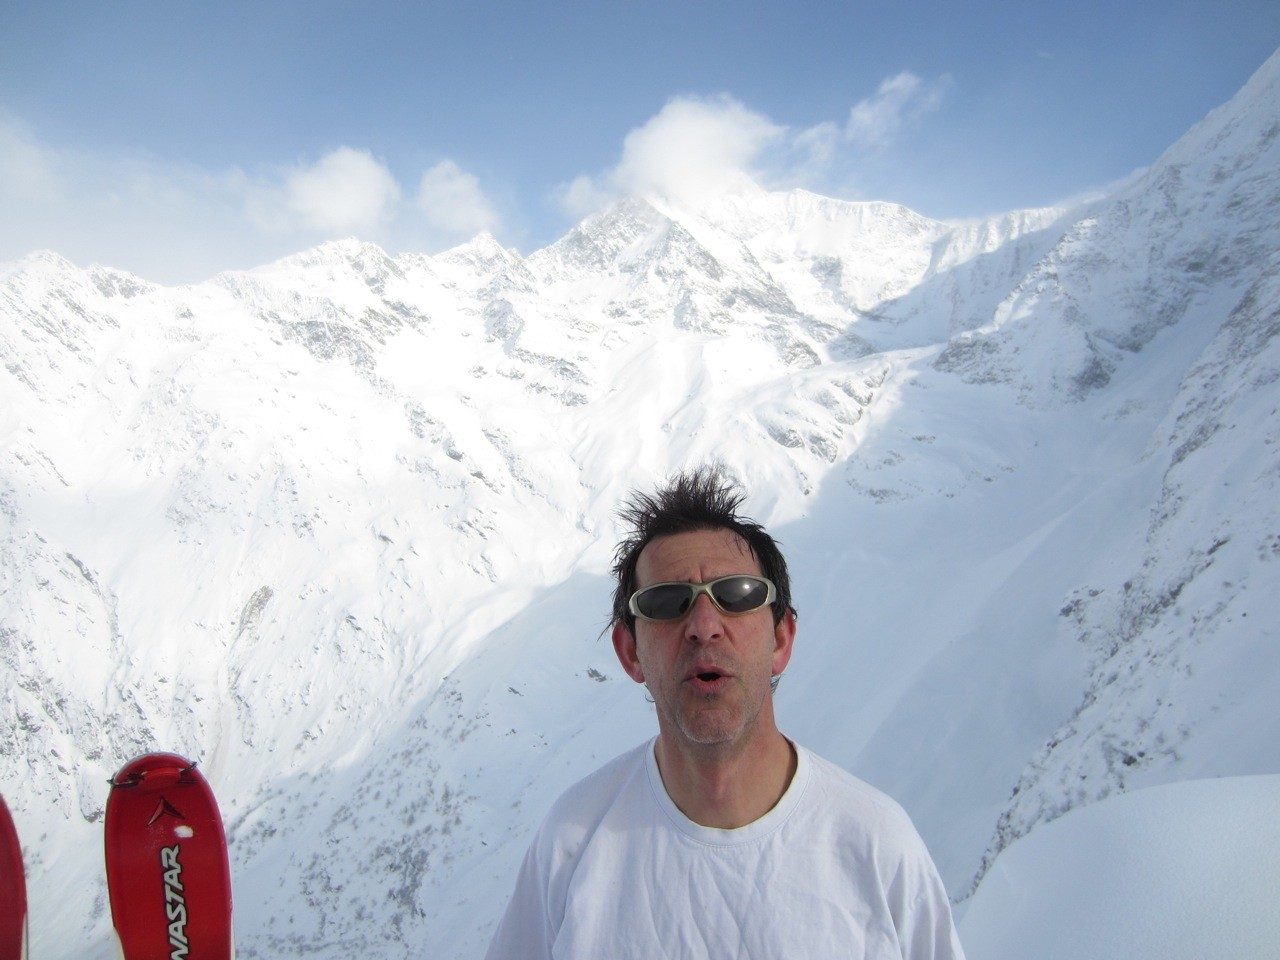 Fred boude, il n'arrive pas à se souvenir du nom du sommet qui se trouve juste derrière lui